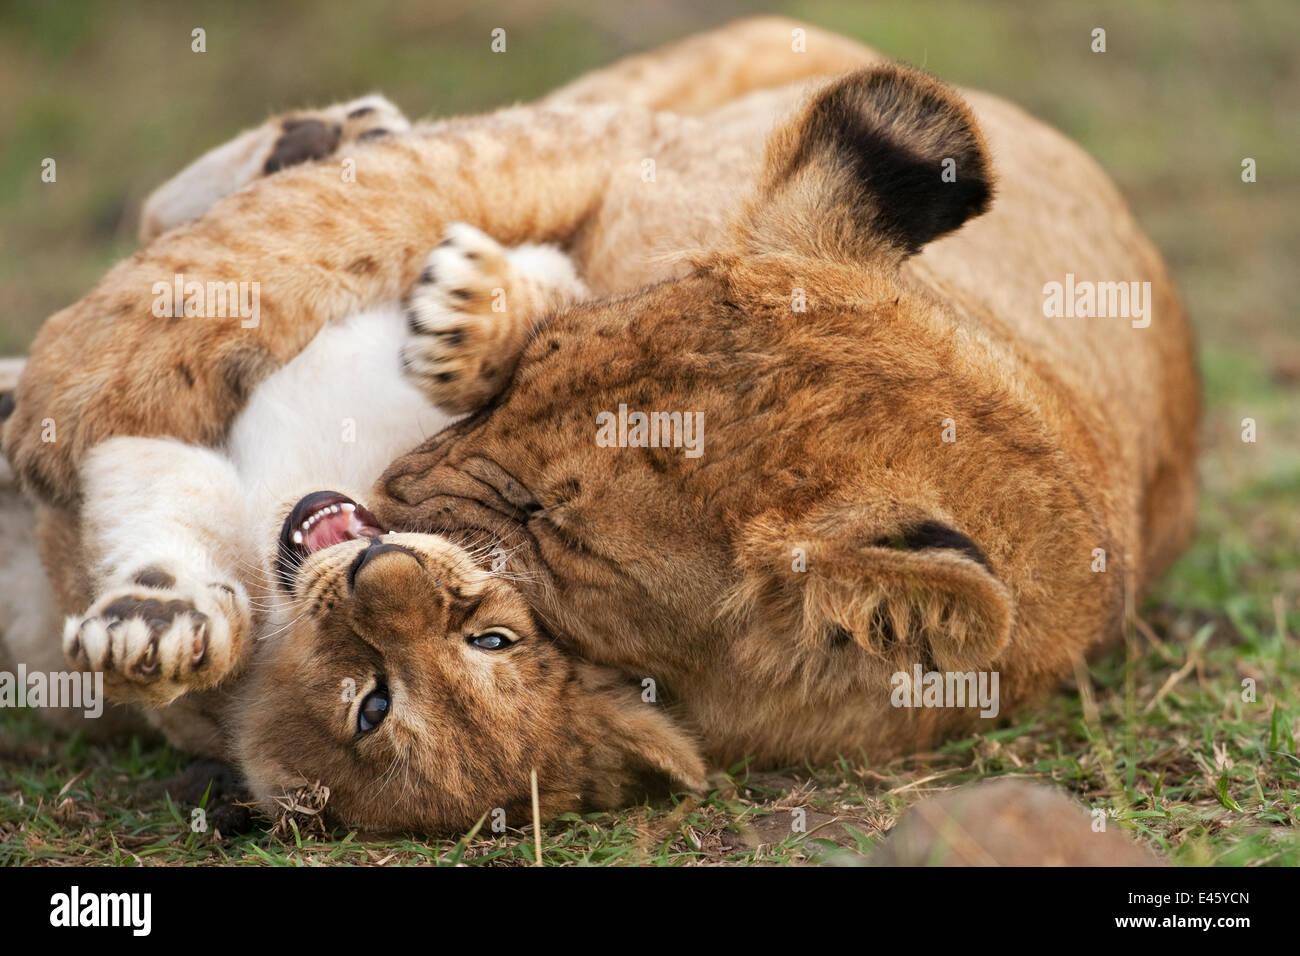 Löwenjunges (Panthera Leo), im Alter von 7 Monaten, Mobbing eine jüngere Jungtier im Alter von 2 bis 3 Stockbild